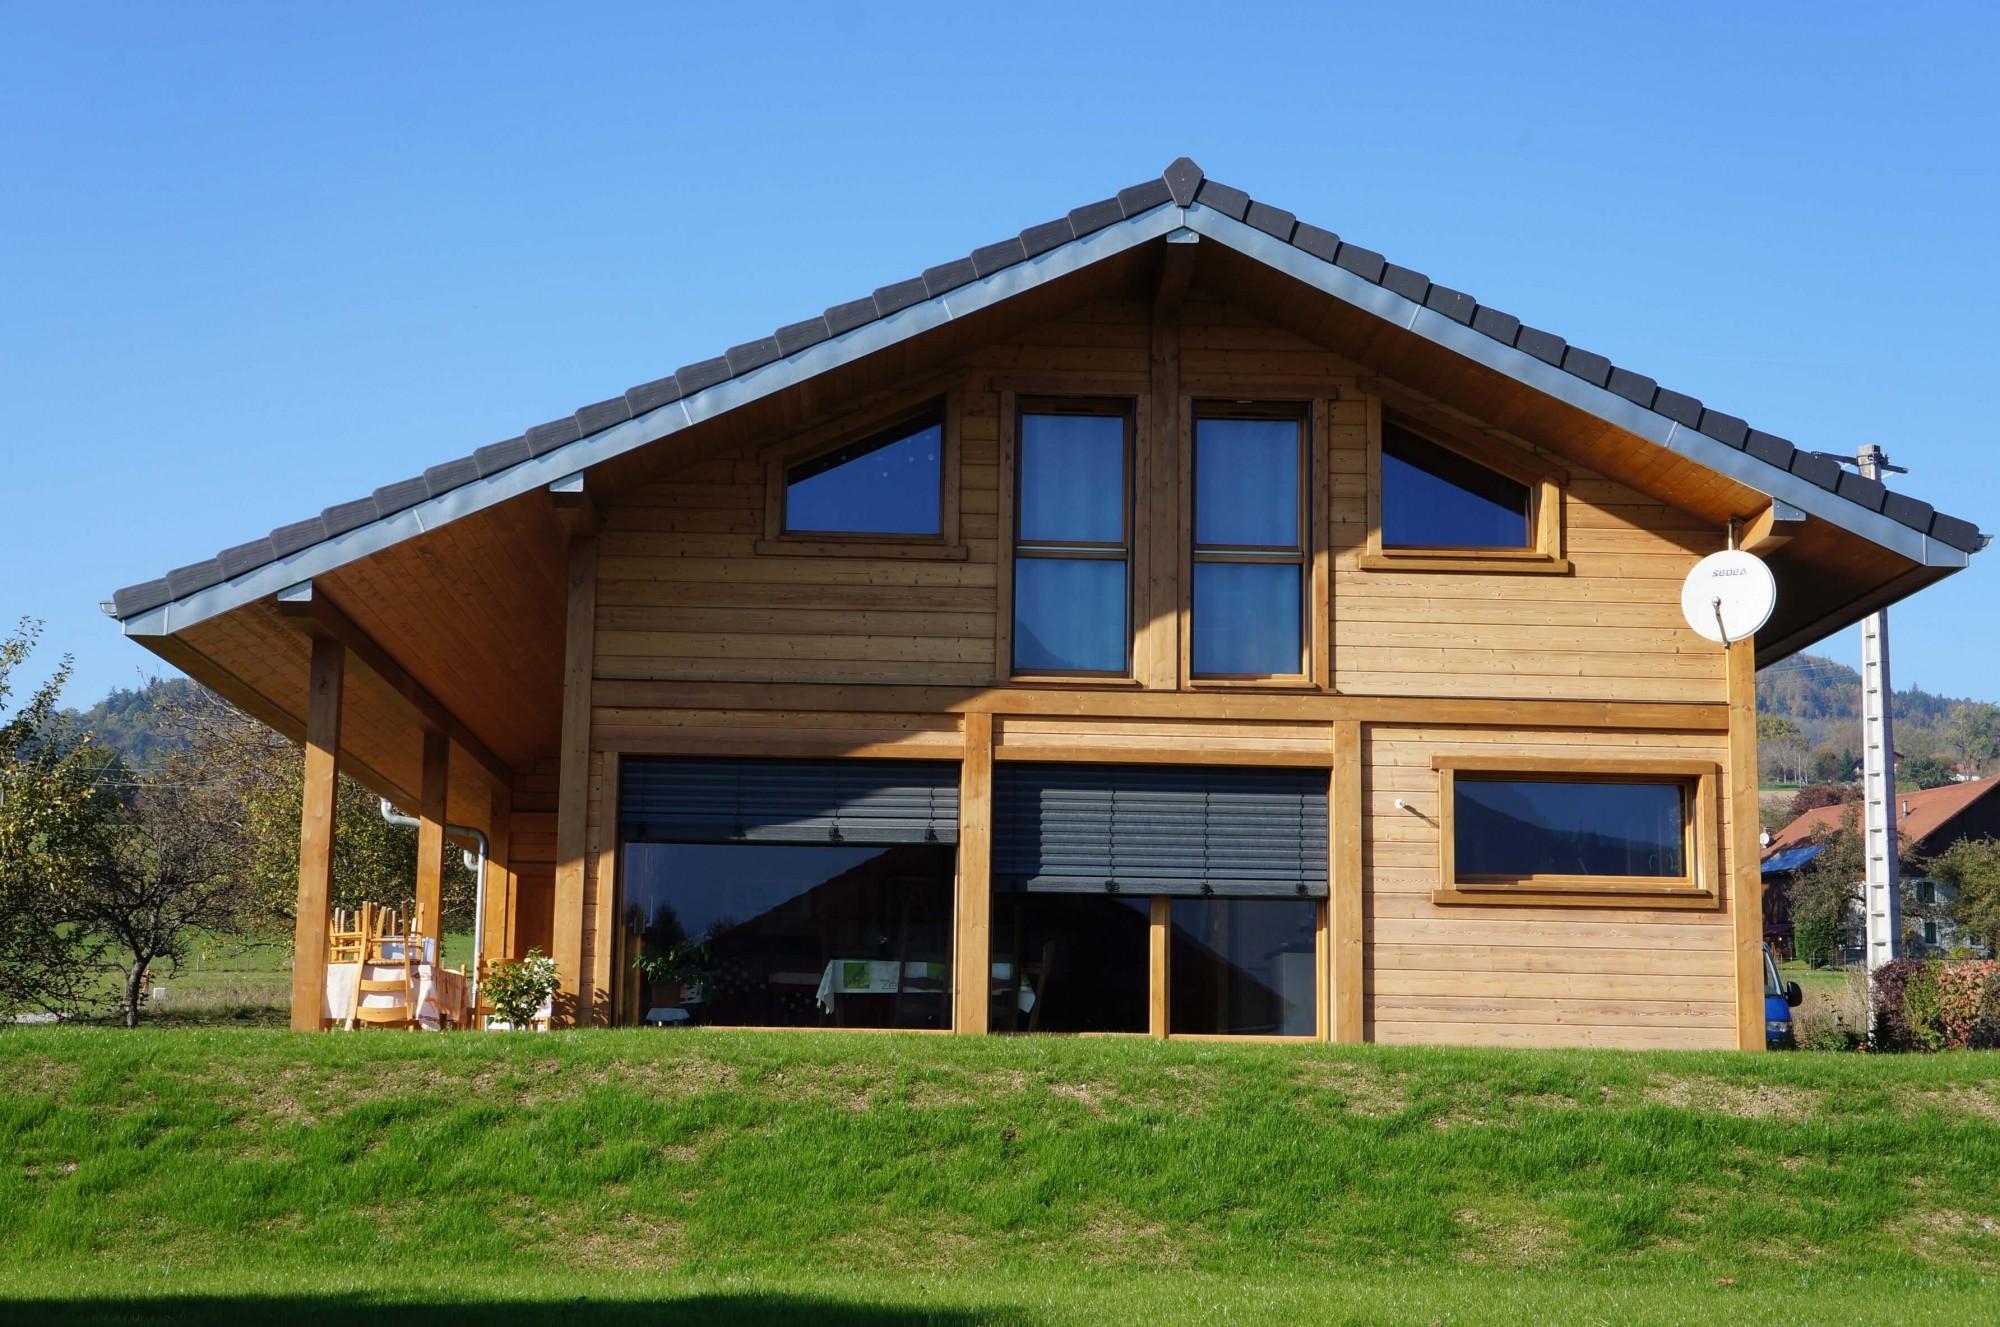 Chalet poteaux poutres bois viuz jolly construction bois for Constructeur de maison en bois poteau poutre